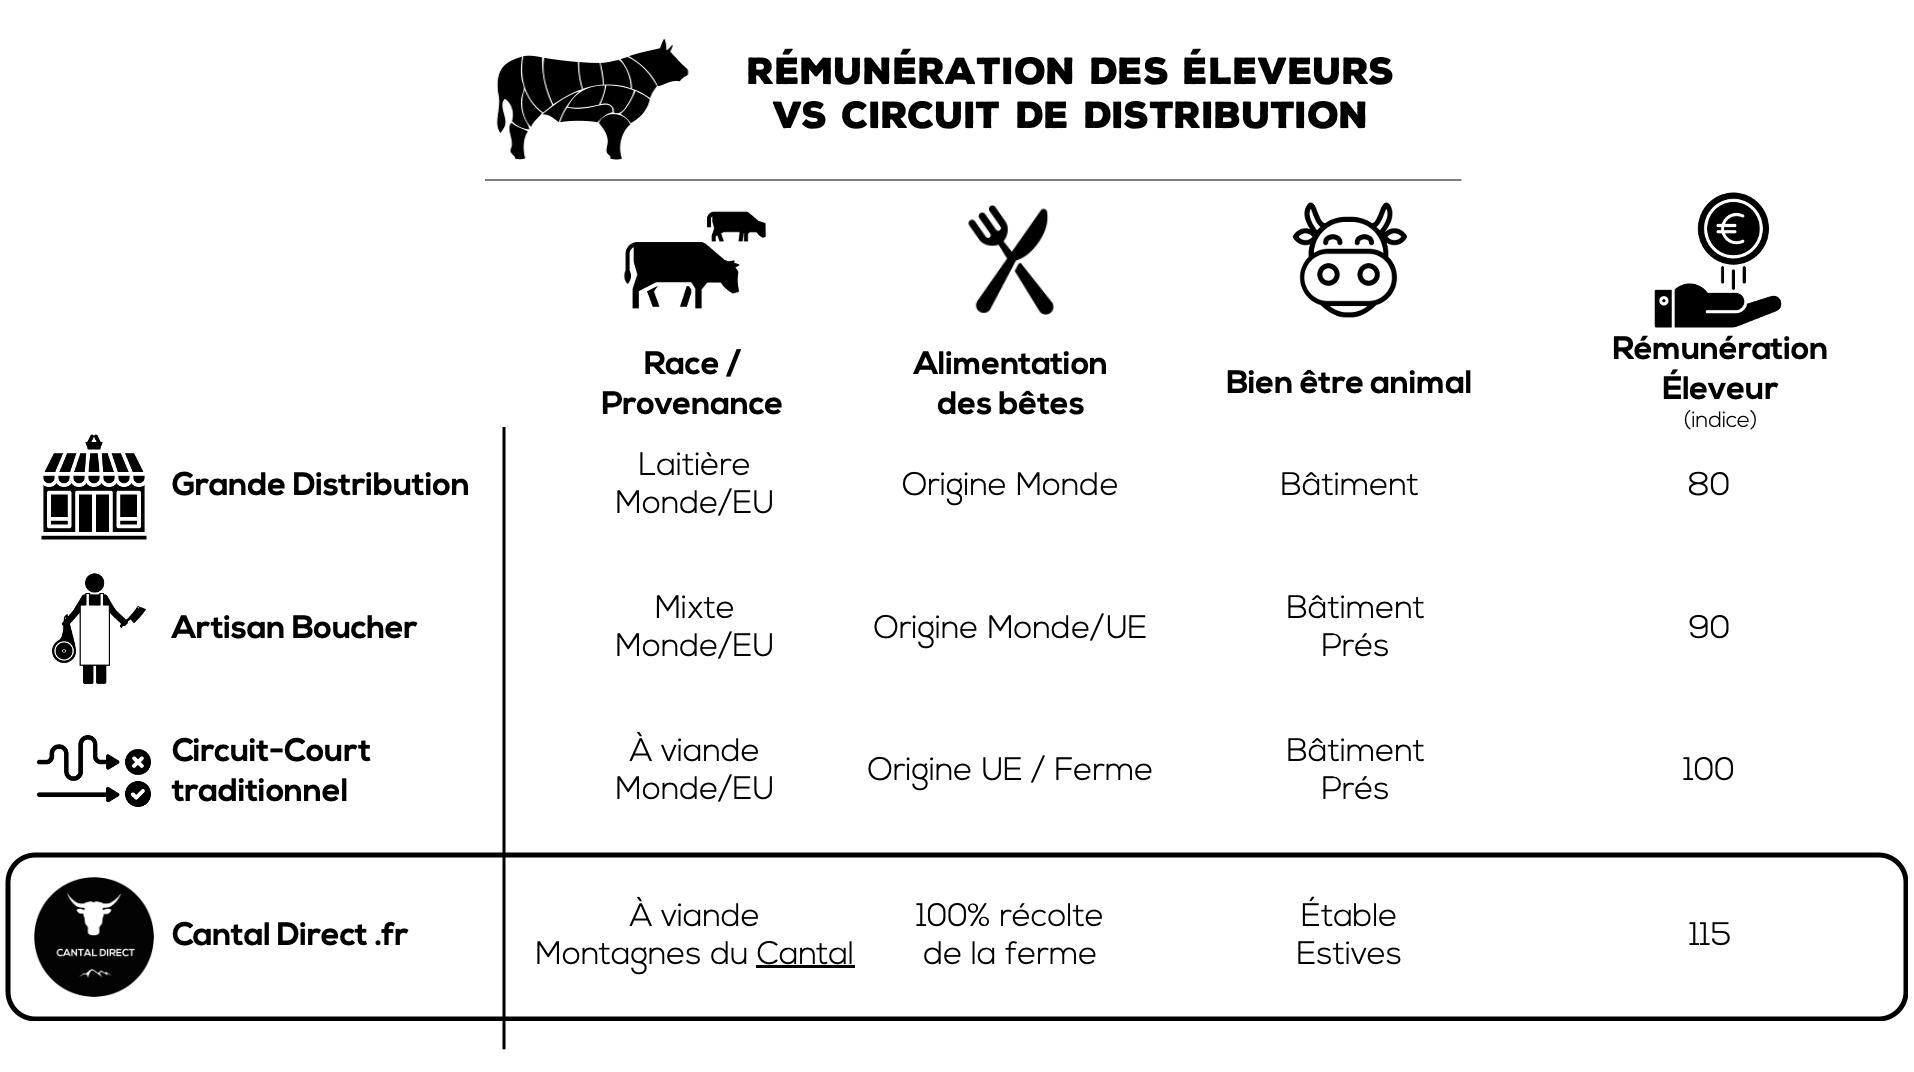 Viande de Boeuf 🥩 Vision proposée par Cantal Direct & ce que font les autres réseaux de distribution : rémunération, bien-être animal... 1 boeuf